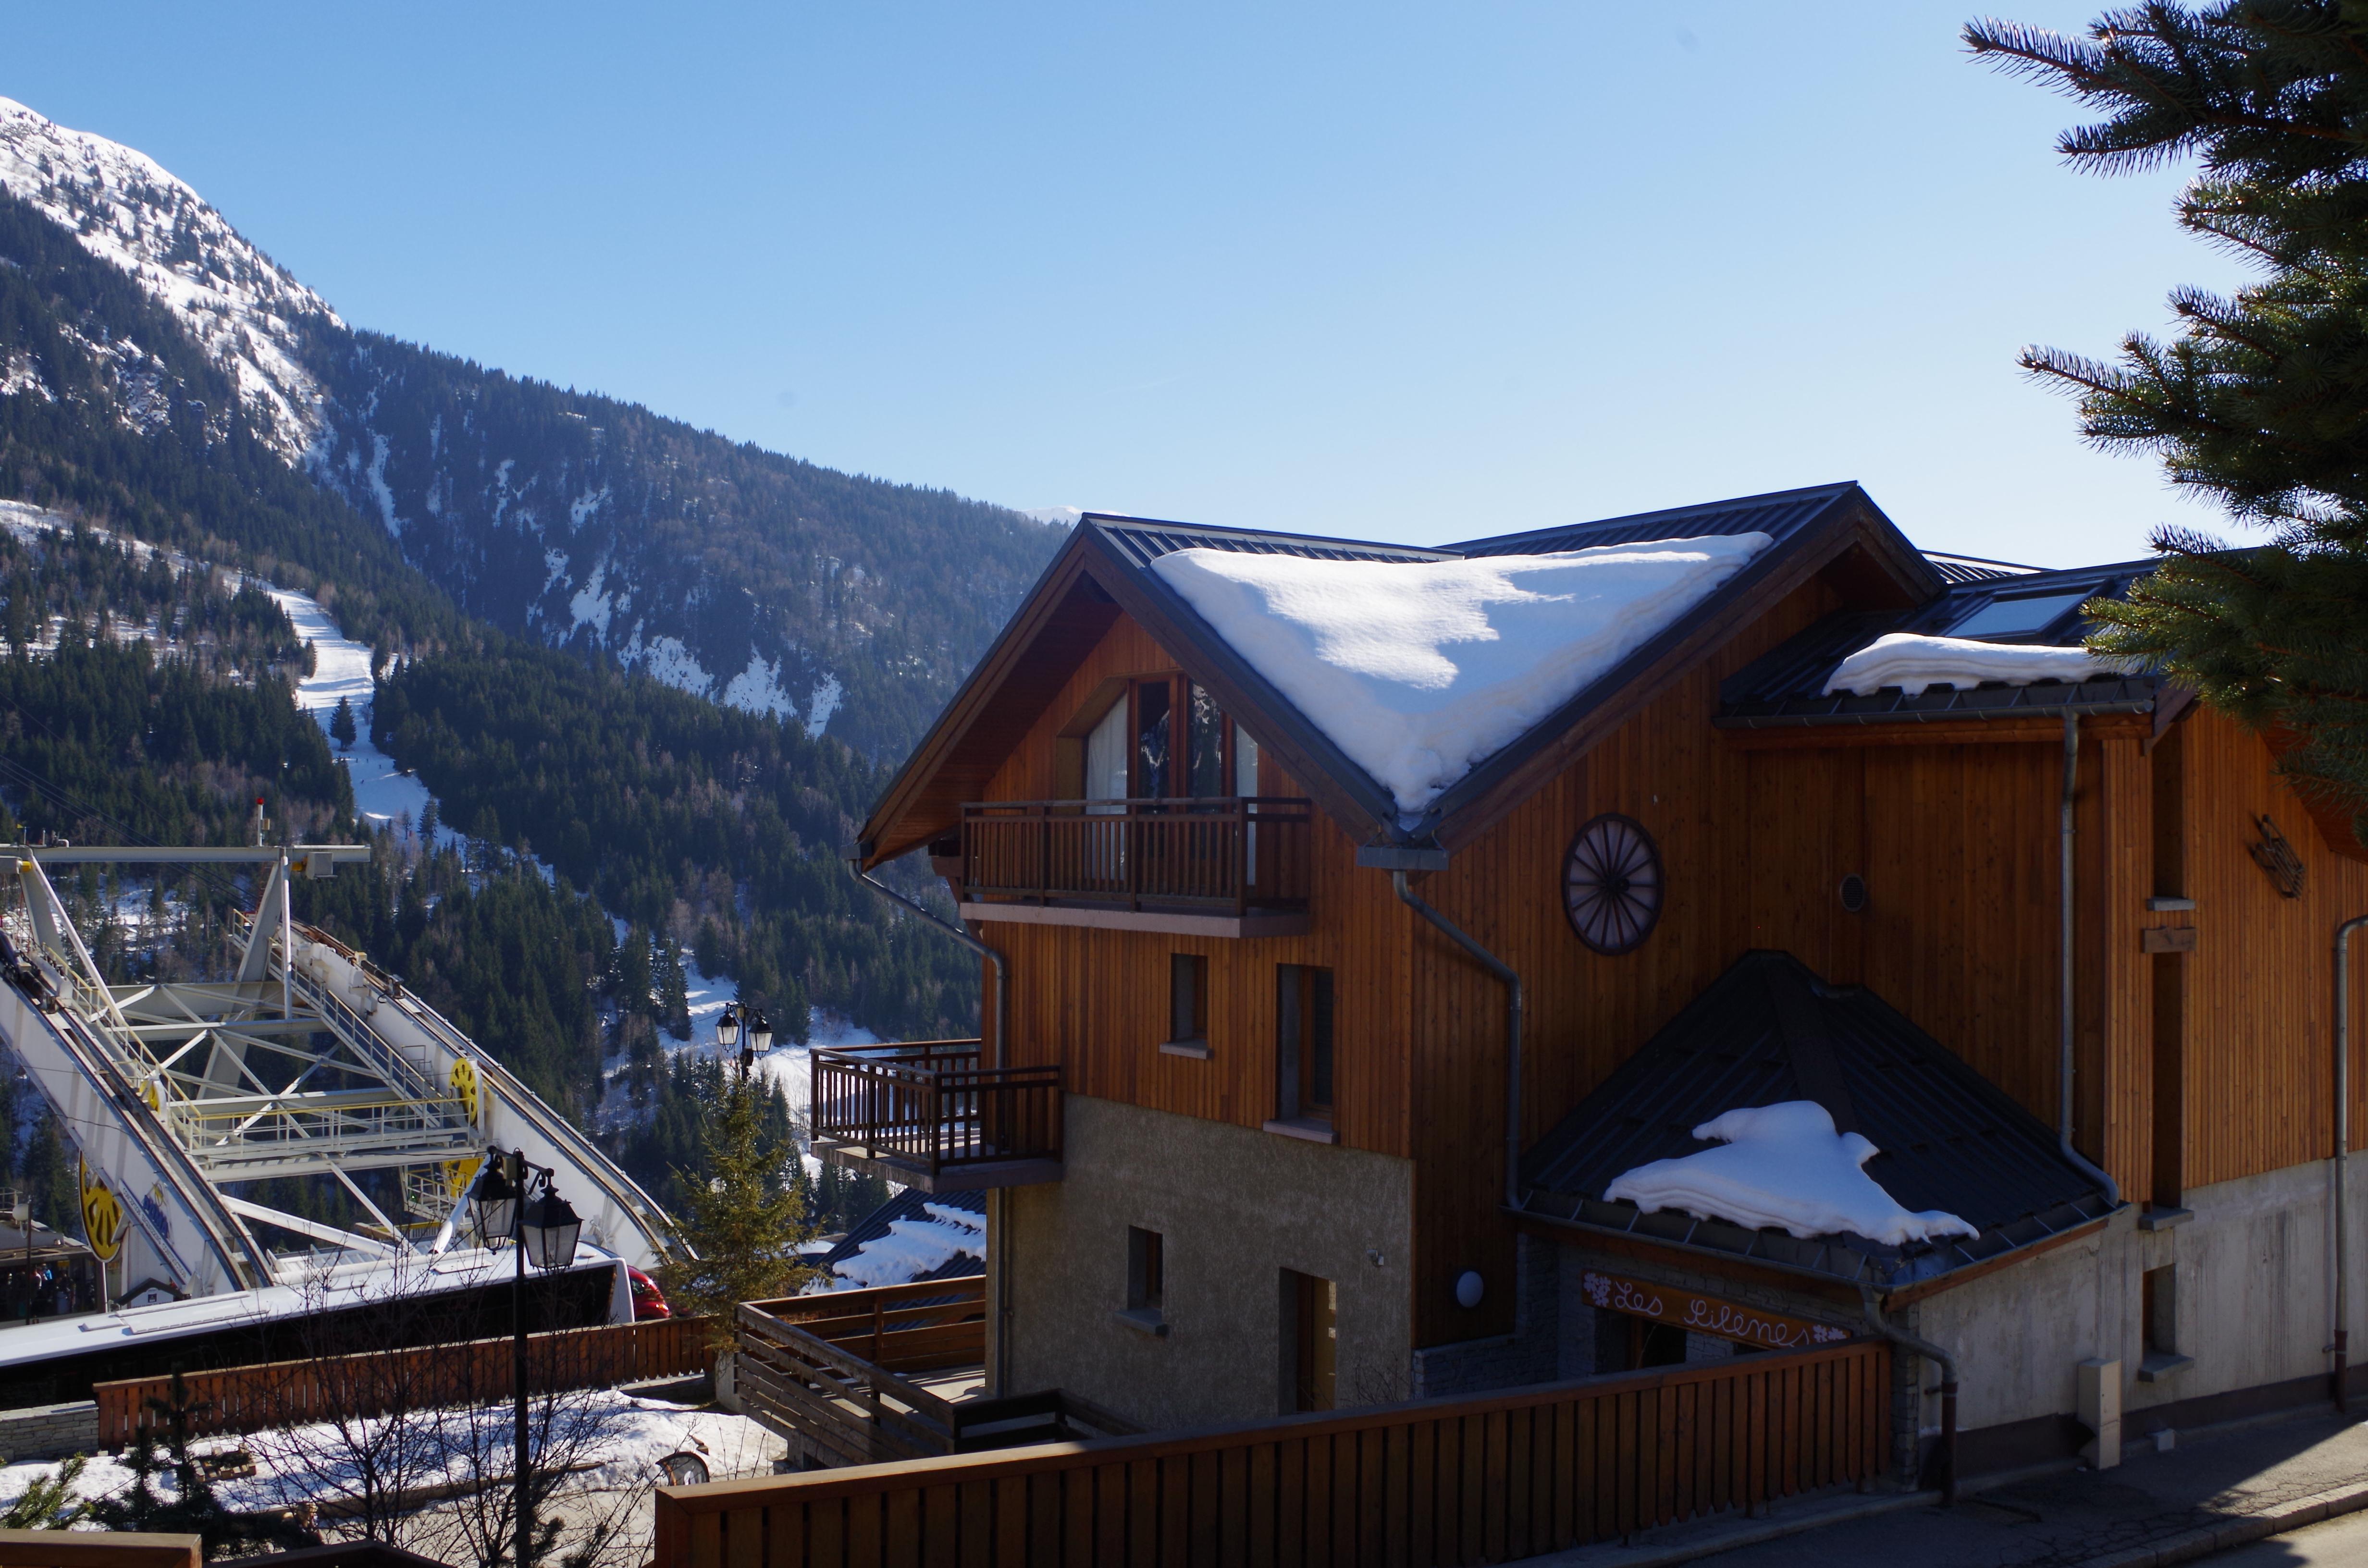 H bergements vaujany station village s jour ski et vacances montagne is re - Office de tourisme vaujany ...